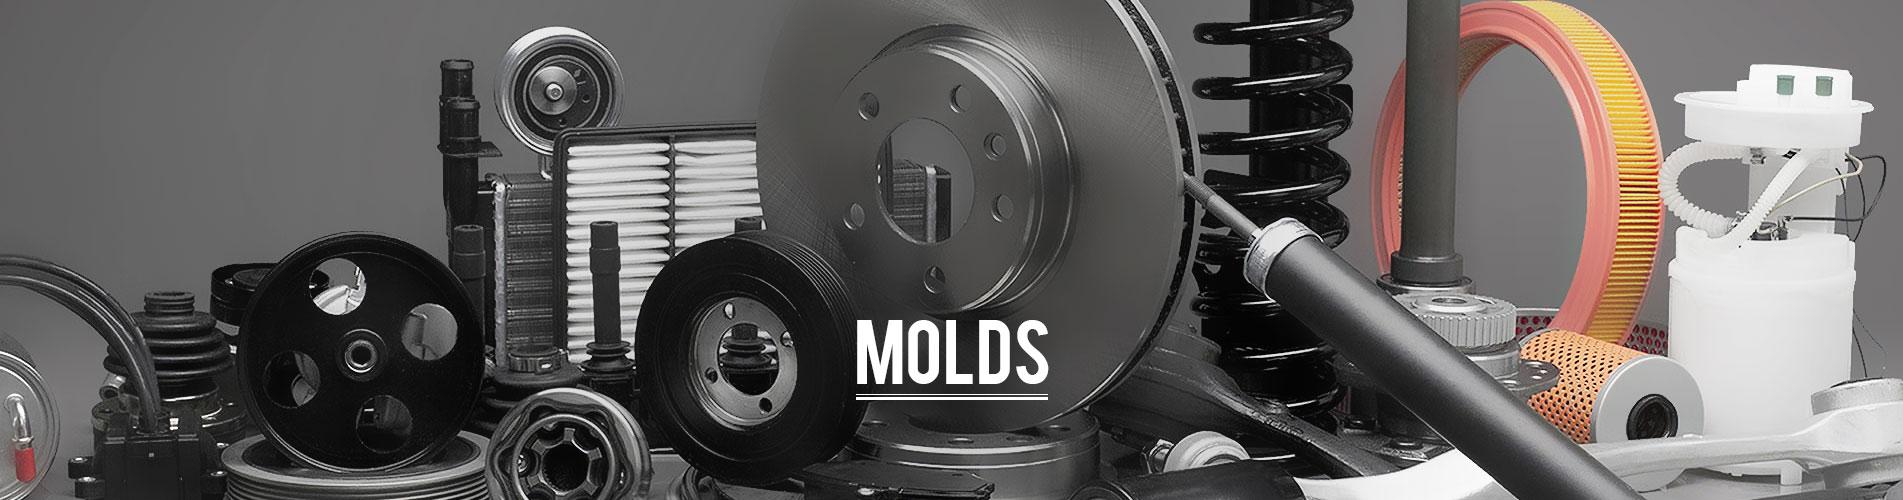 molds banner 2